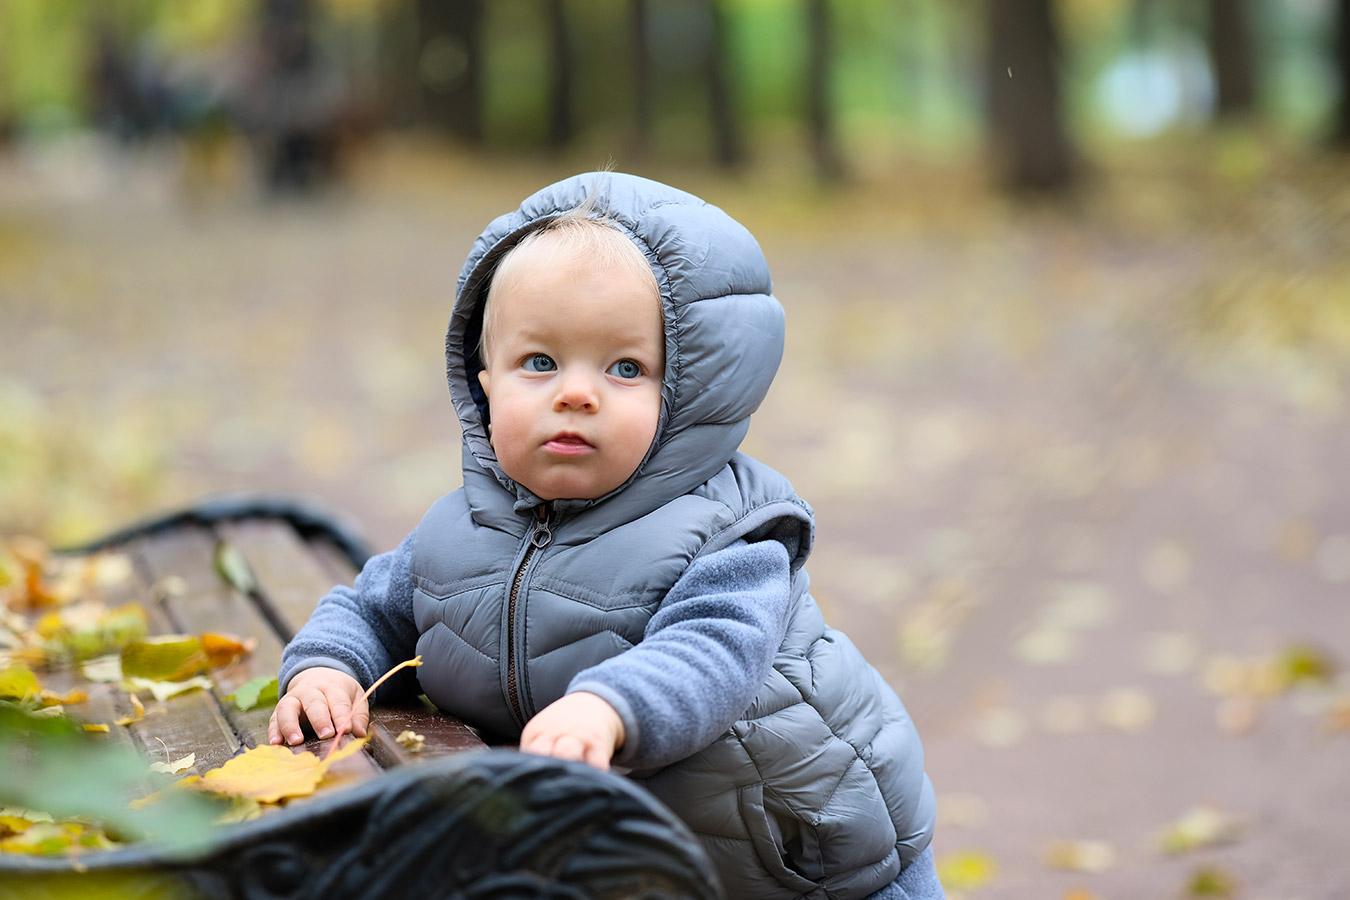 Wzrost i waga rocznego dziecka [plus rozmiar buta]